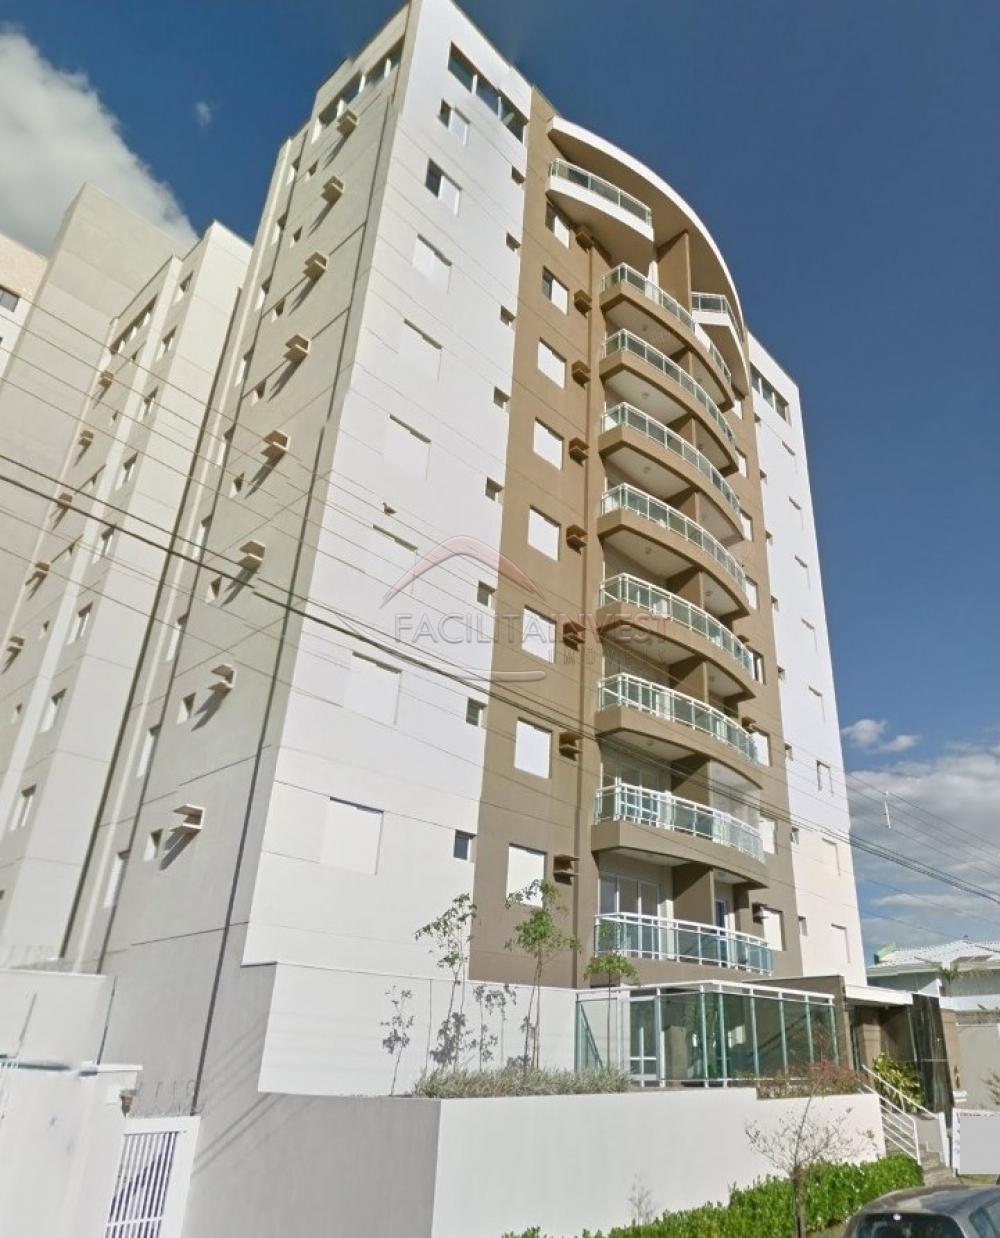 Comprar Apartamentos / Cobertura em Ribeirão Preto apenas R$ 950.000,00 - Foto 1